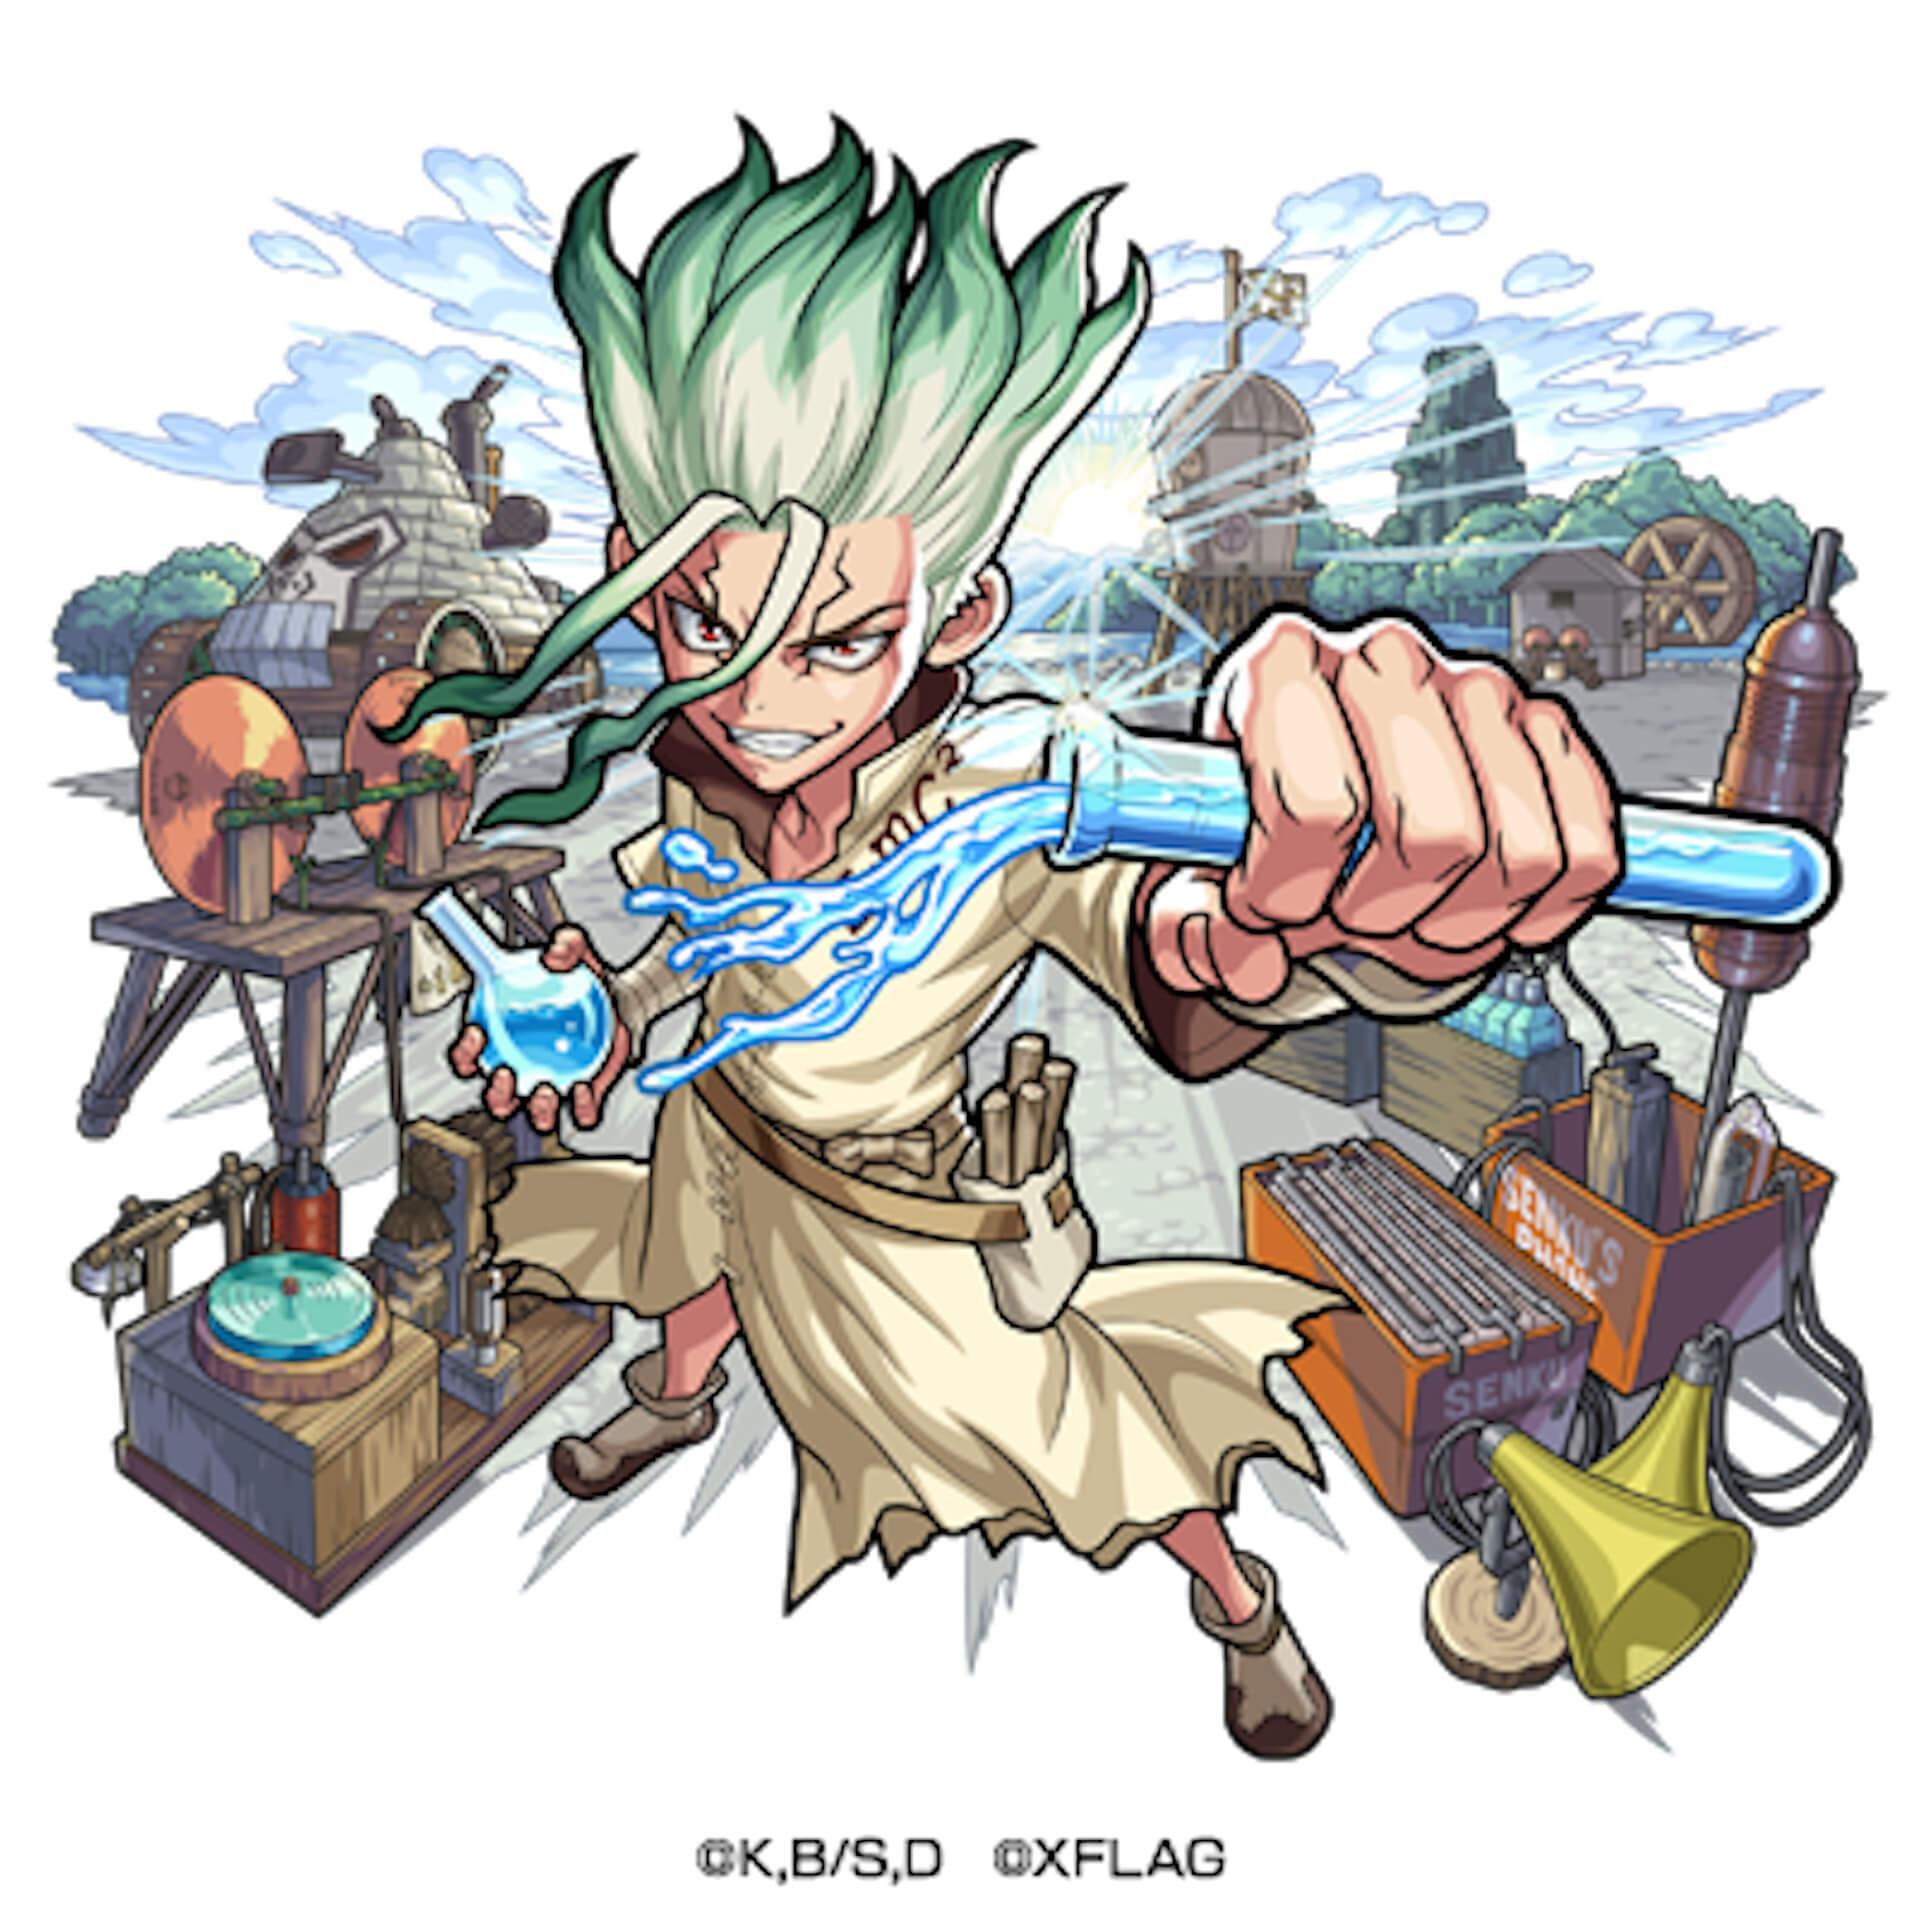 モンストがアニメ『Dr.STONE』とコラボ!出演声優のサイン色紙&10,000円分のえらべるギフトコードをもらえるキャンペーンも実施 tech210728_monst_drstone_5